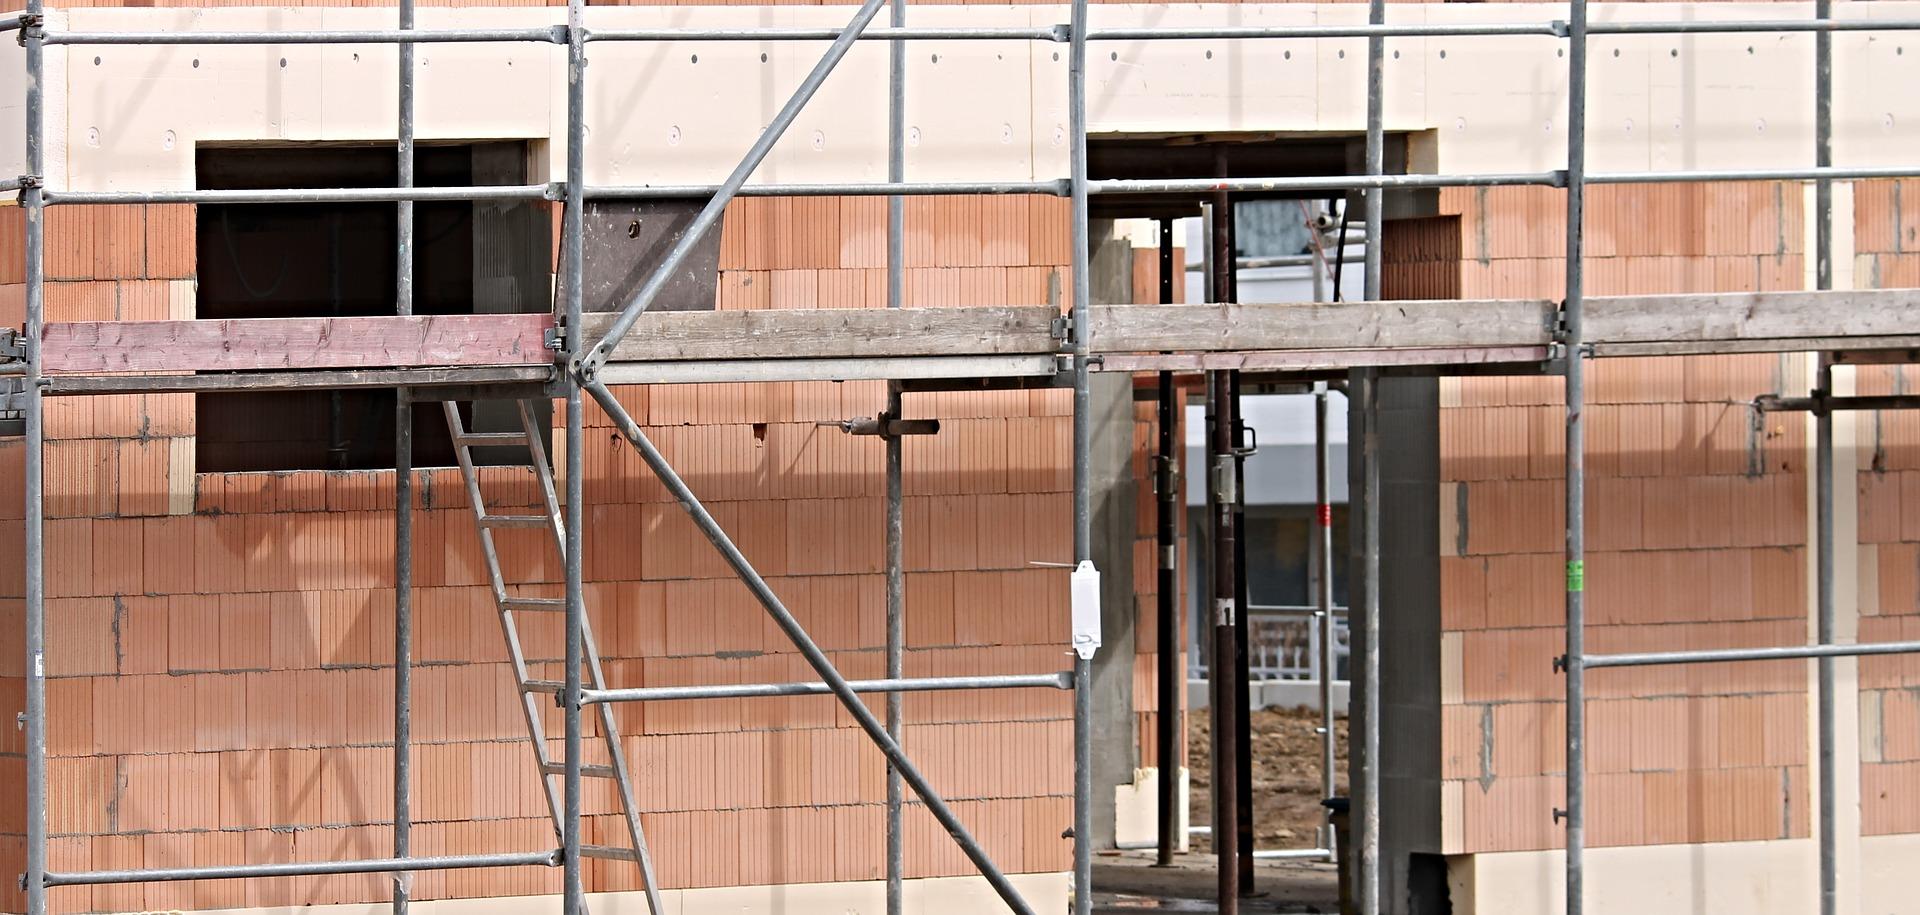 Maurer Leipzig - Mauerwerksarbeiten, Maurerarbeiten für Innen- und Aussenbau